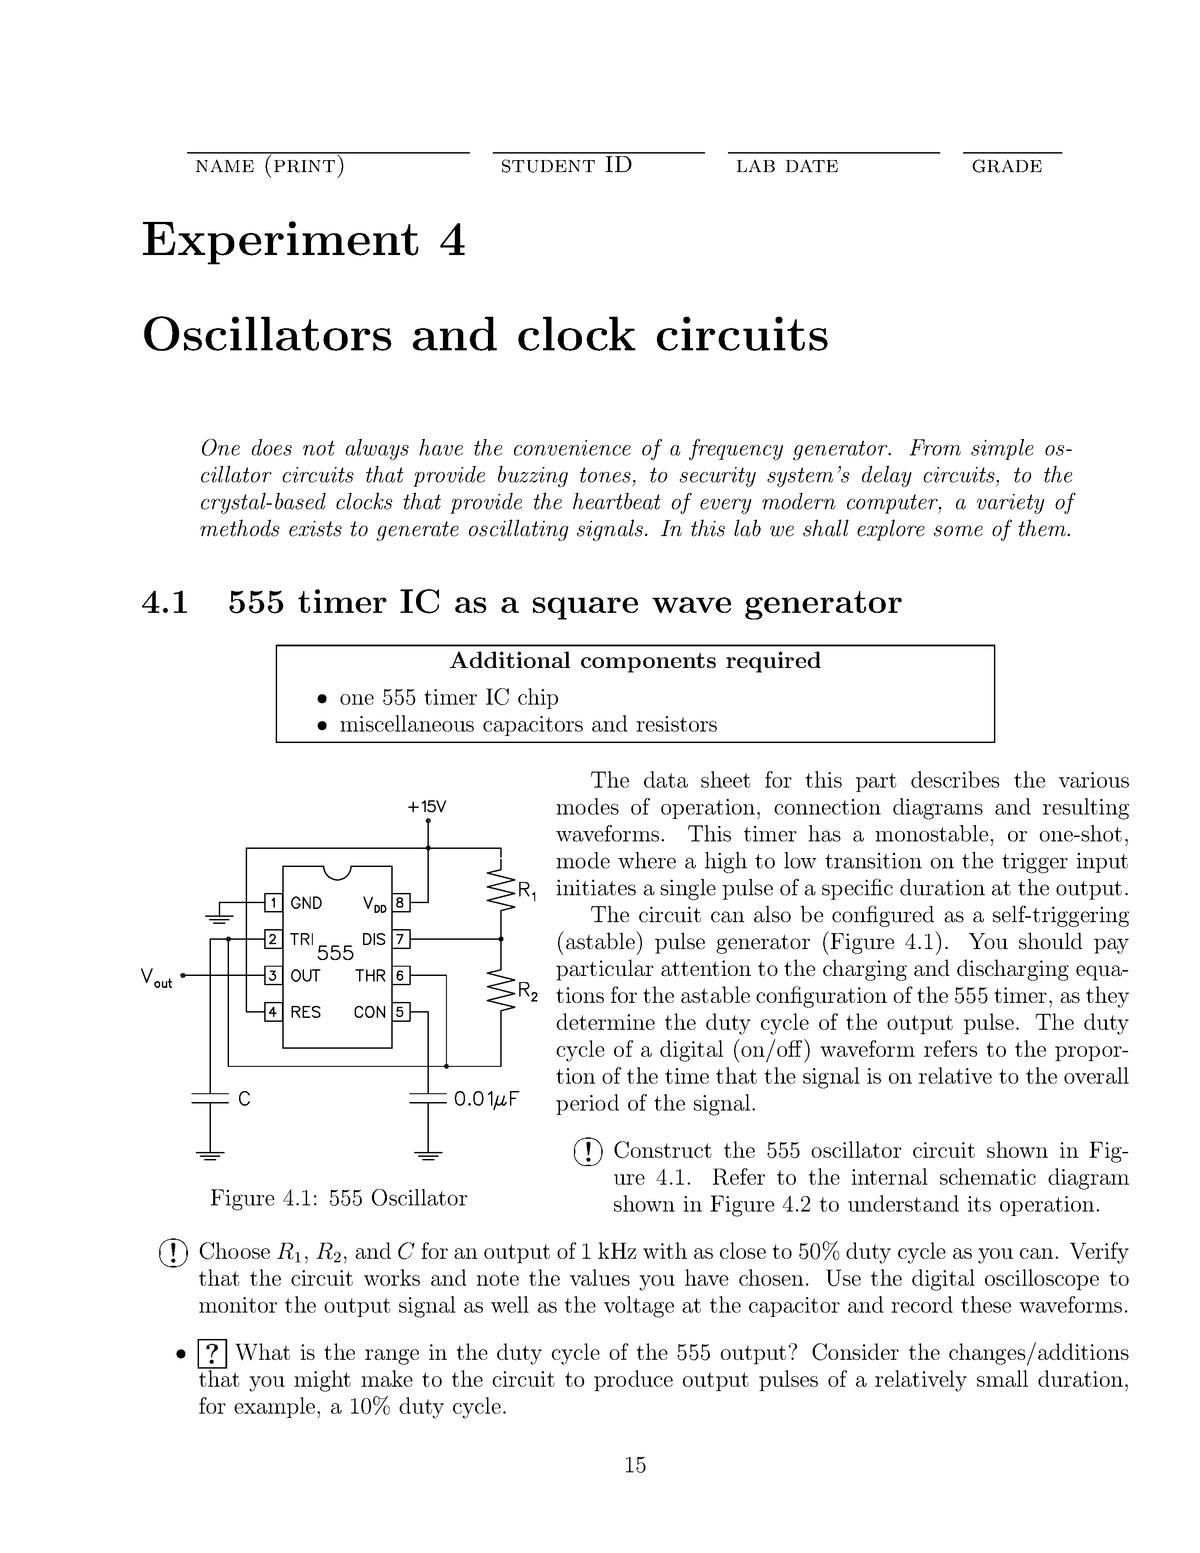 Experiment 4 Oscillators and clock circuits - PHYS 4P92